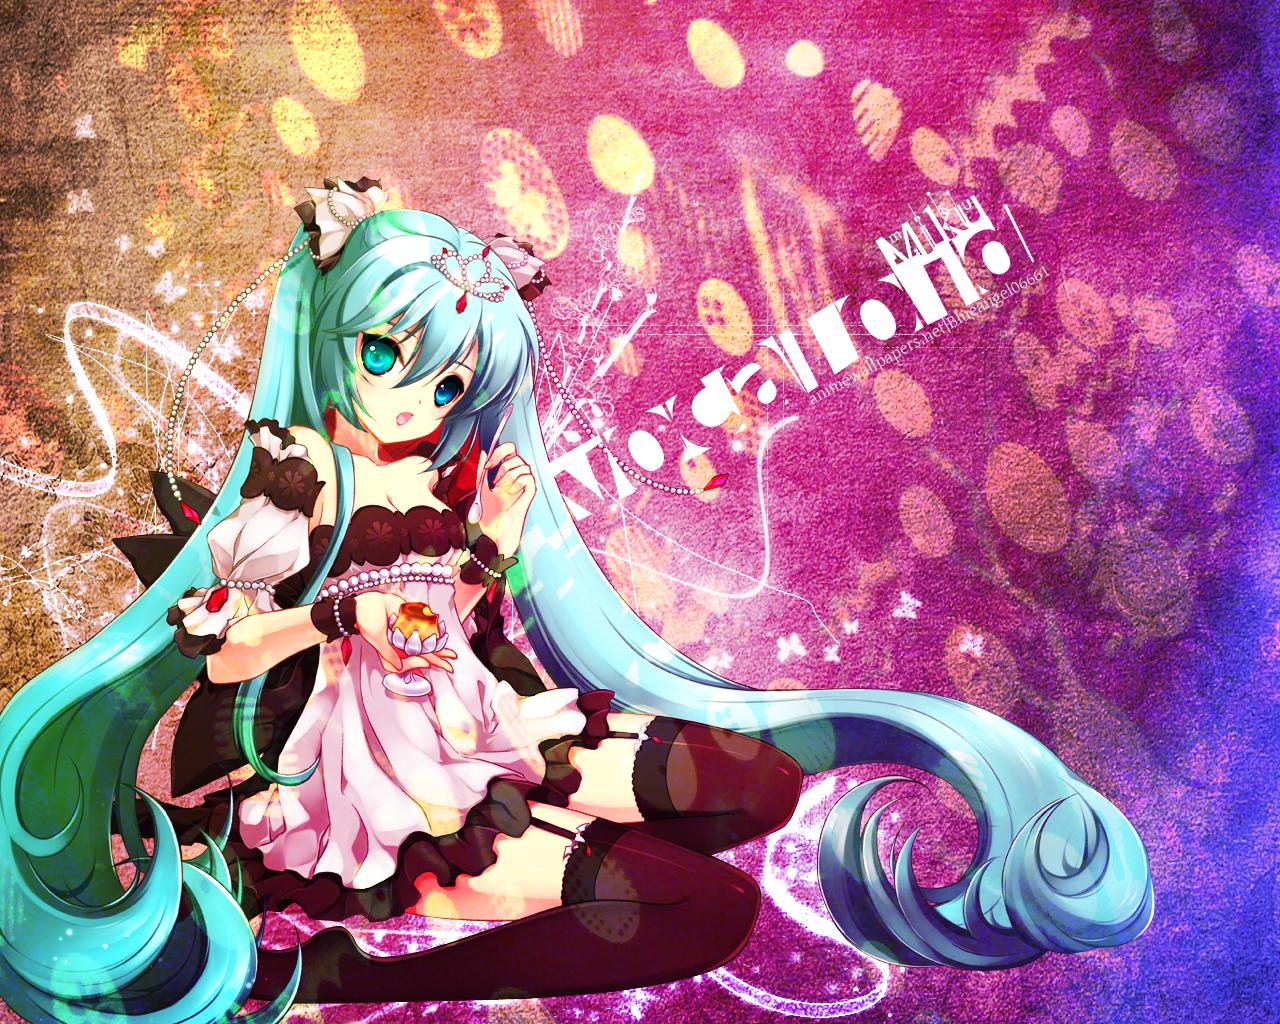 Vocaloid Game Wallpaper # 17